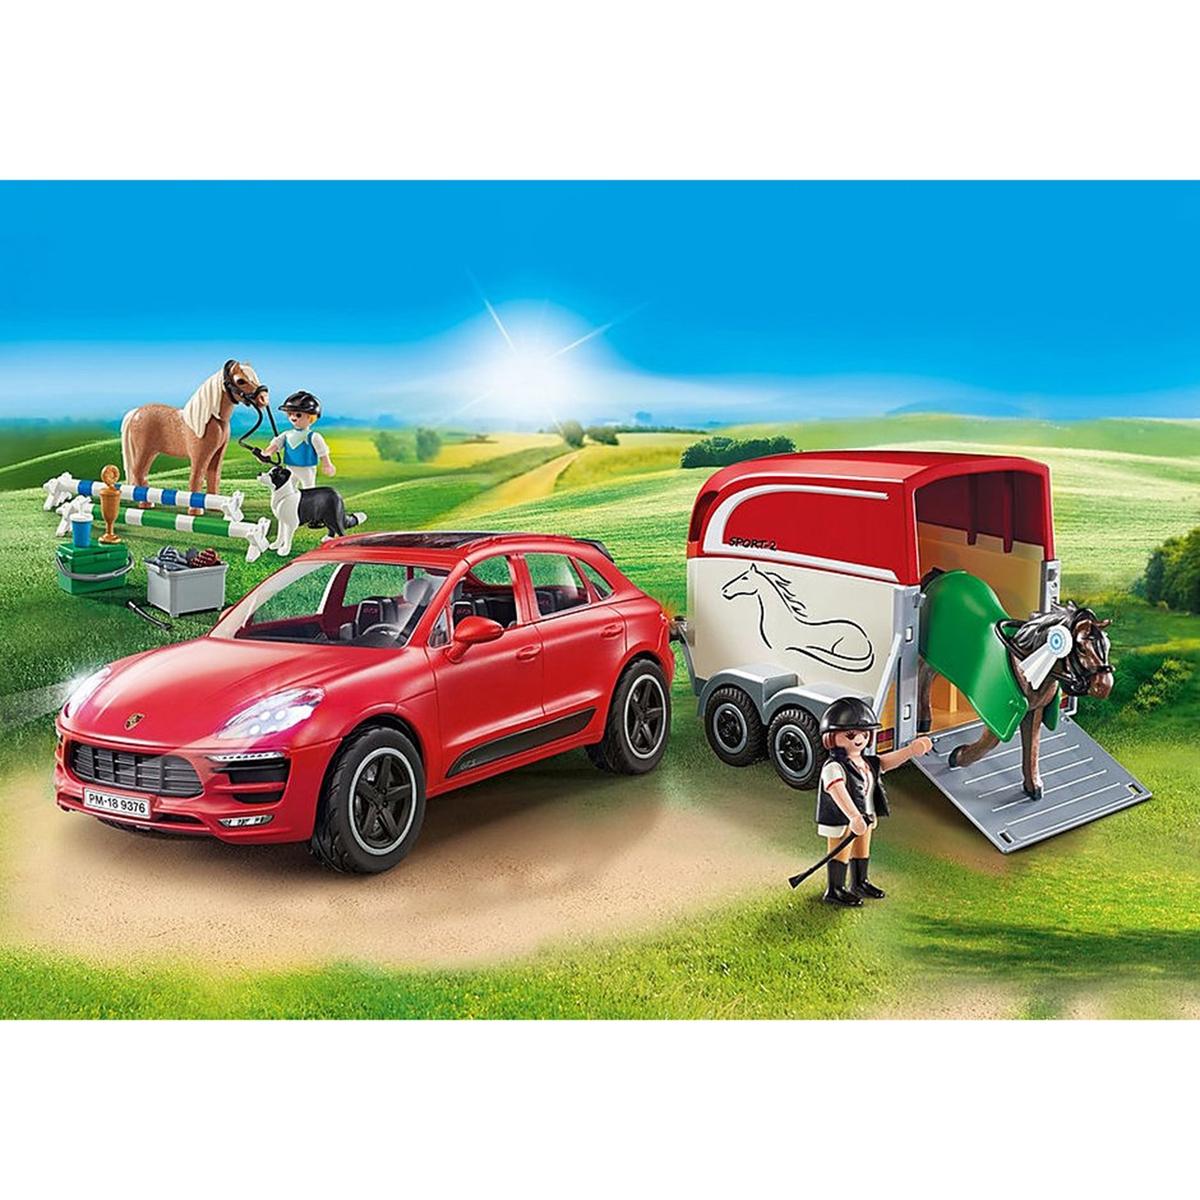 An image of Playmobil Porsche Macan Gts